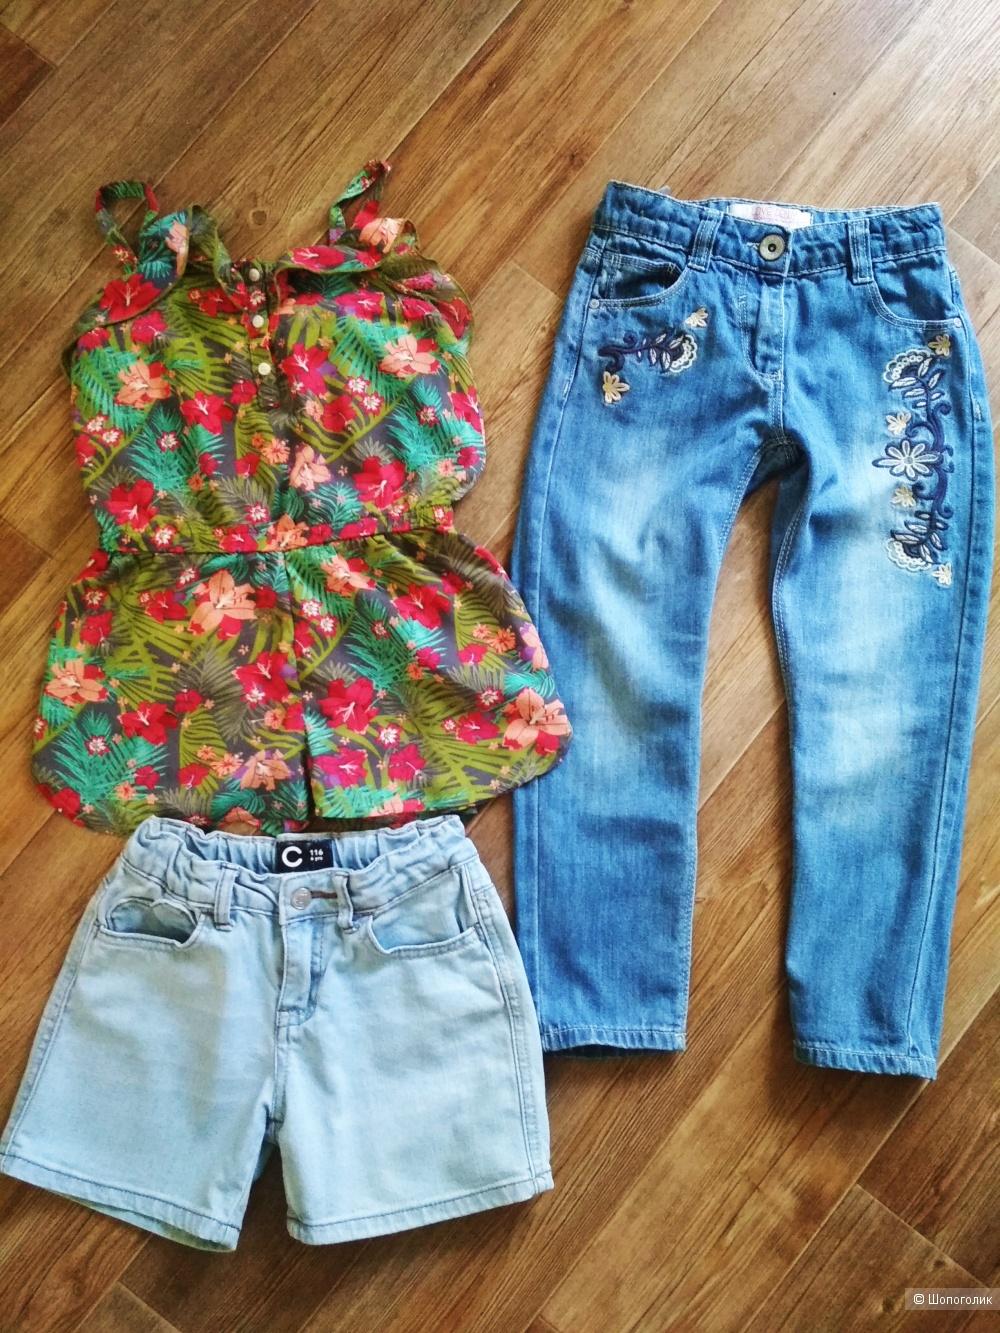 Сет джинсы I love denim+шорты cubus +ромпер palomino размер 116